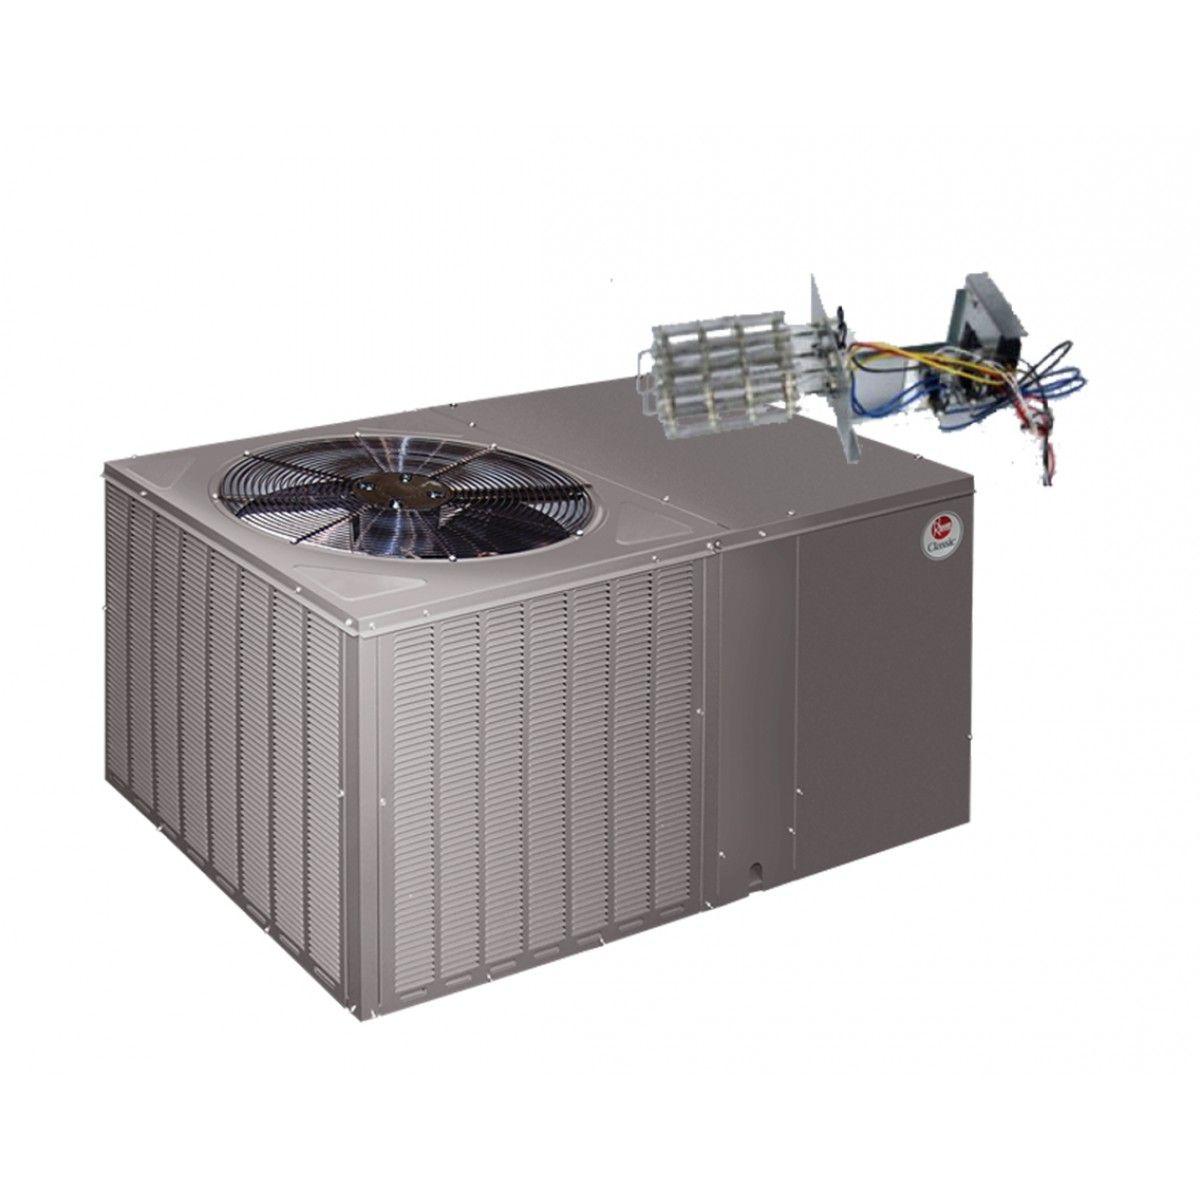 Rheem 14 Seer 3 5 Ton Heat Pump Package Unit Horizontal